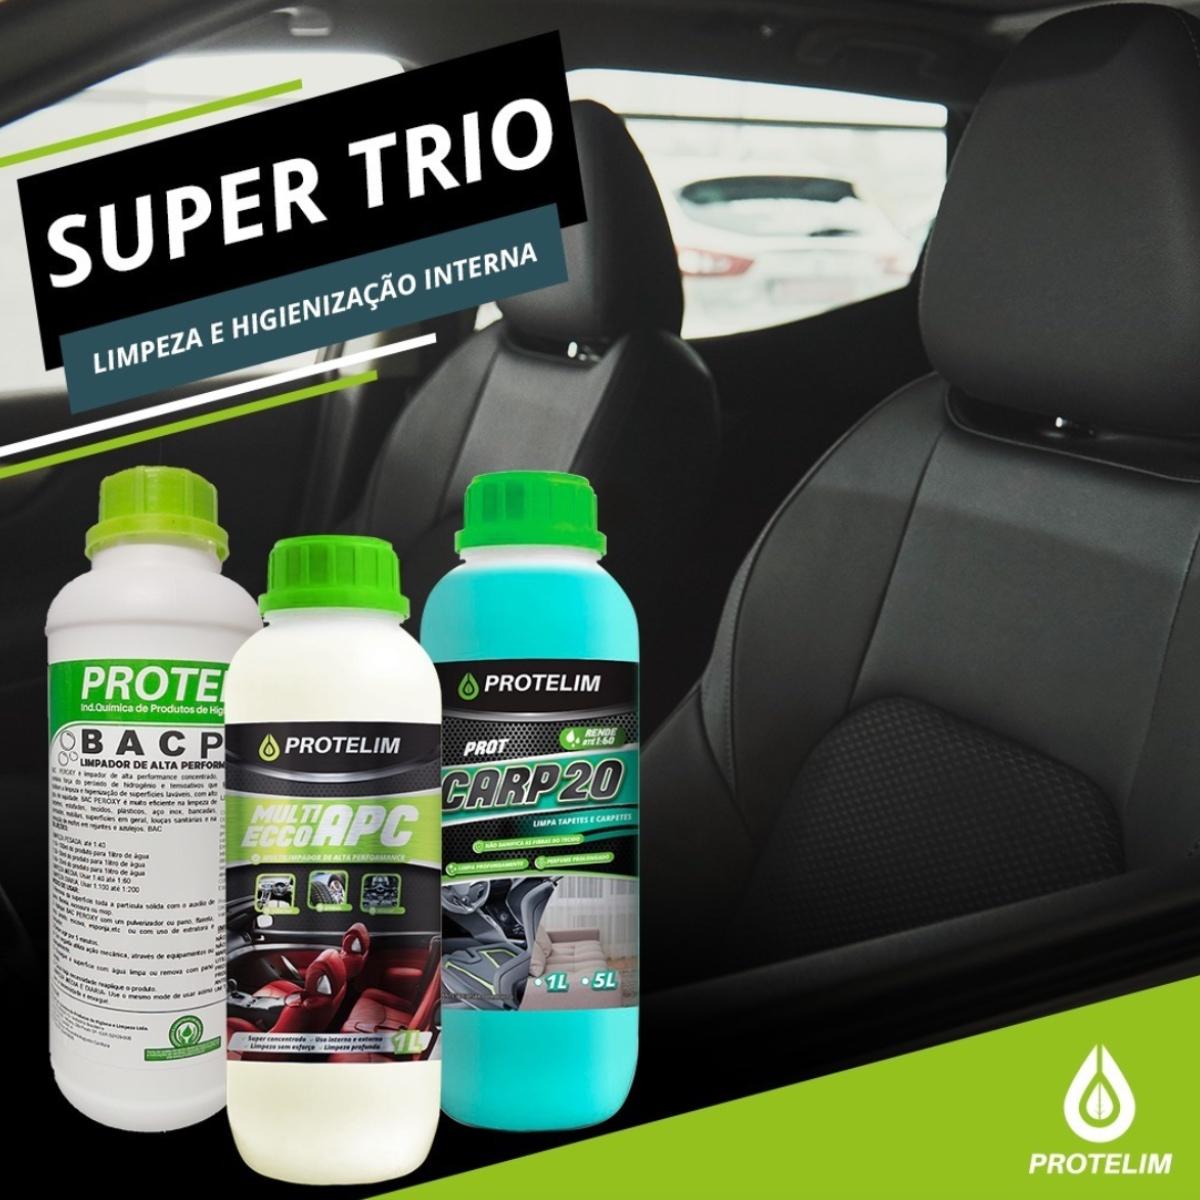 Kit Super Trio Protelim APC, Prot Carp 20 e Bac Peroxy